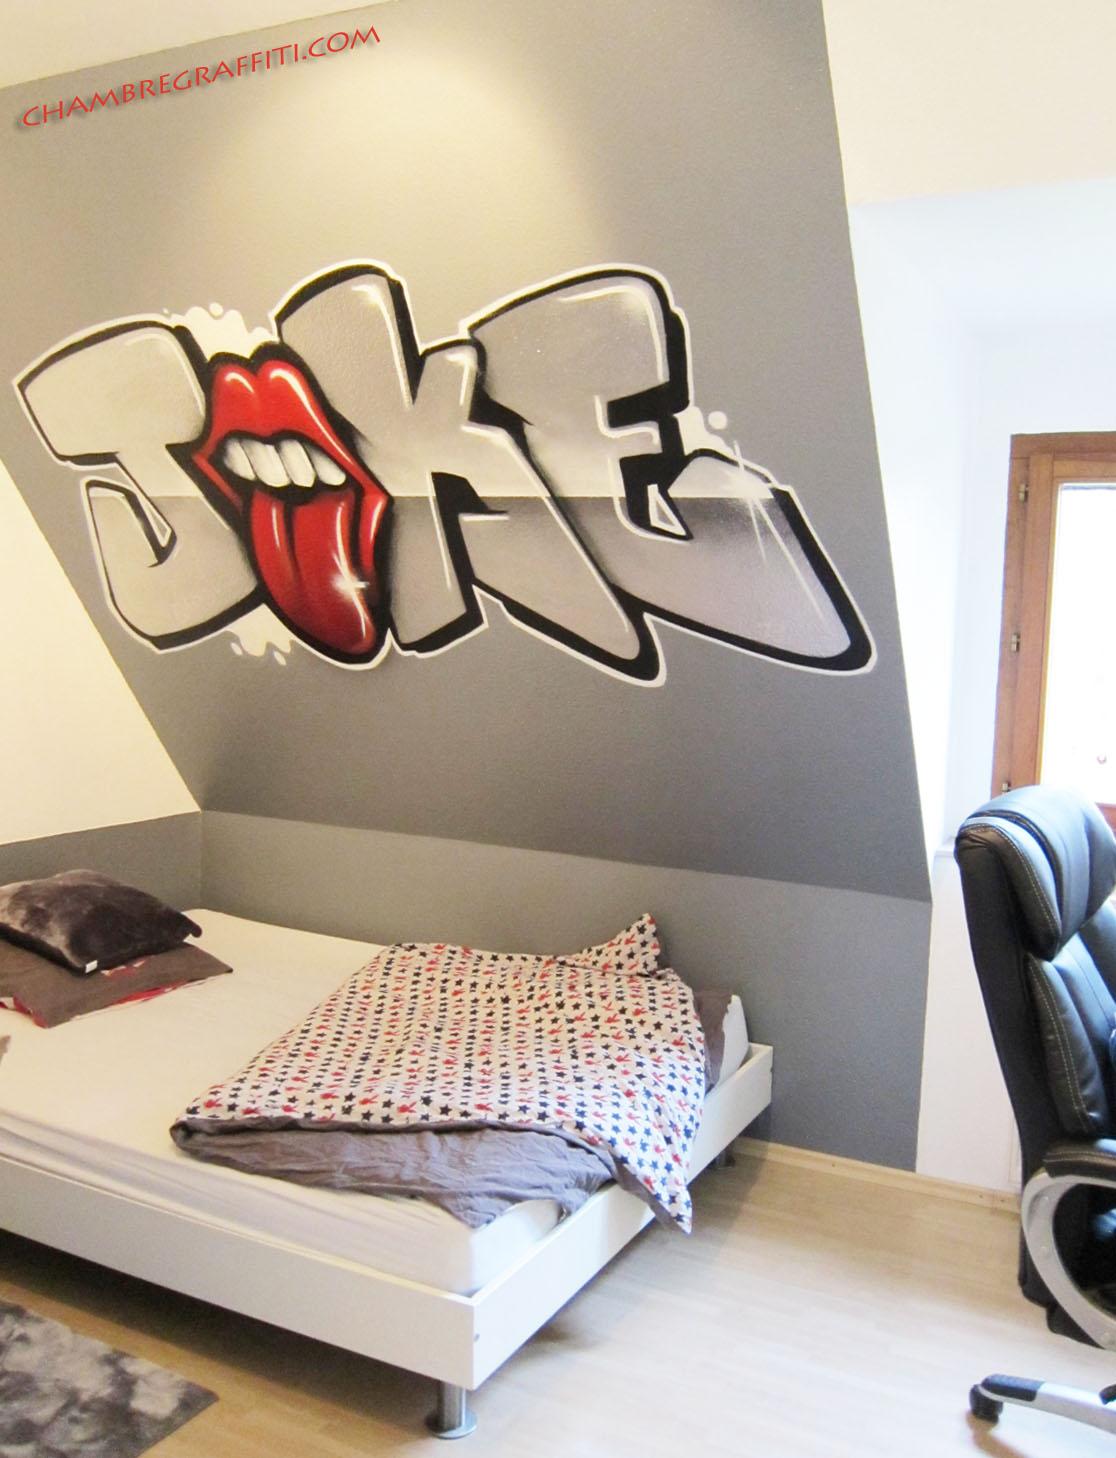 Joke pour Sven en Alsace   Chambre graffiti